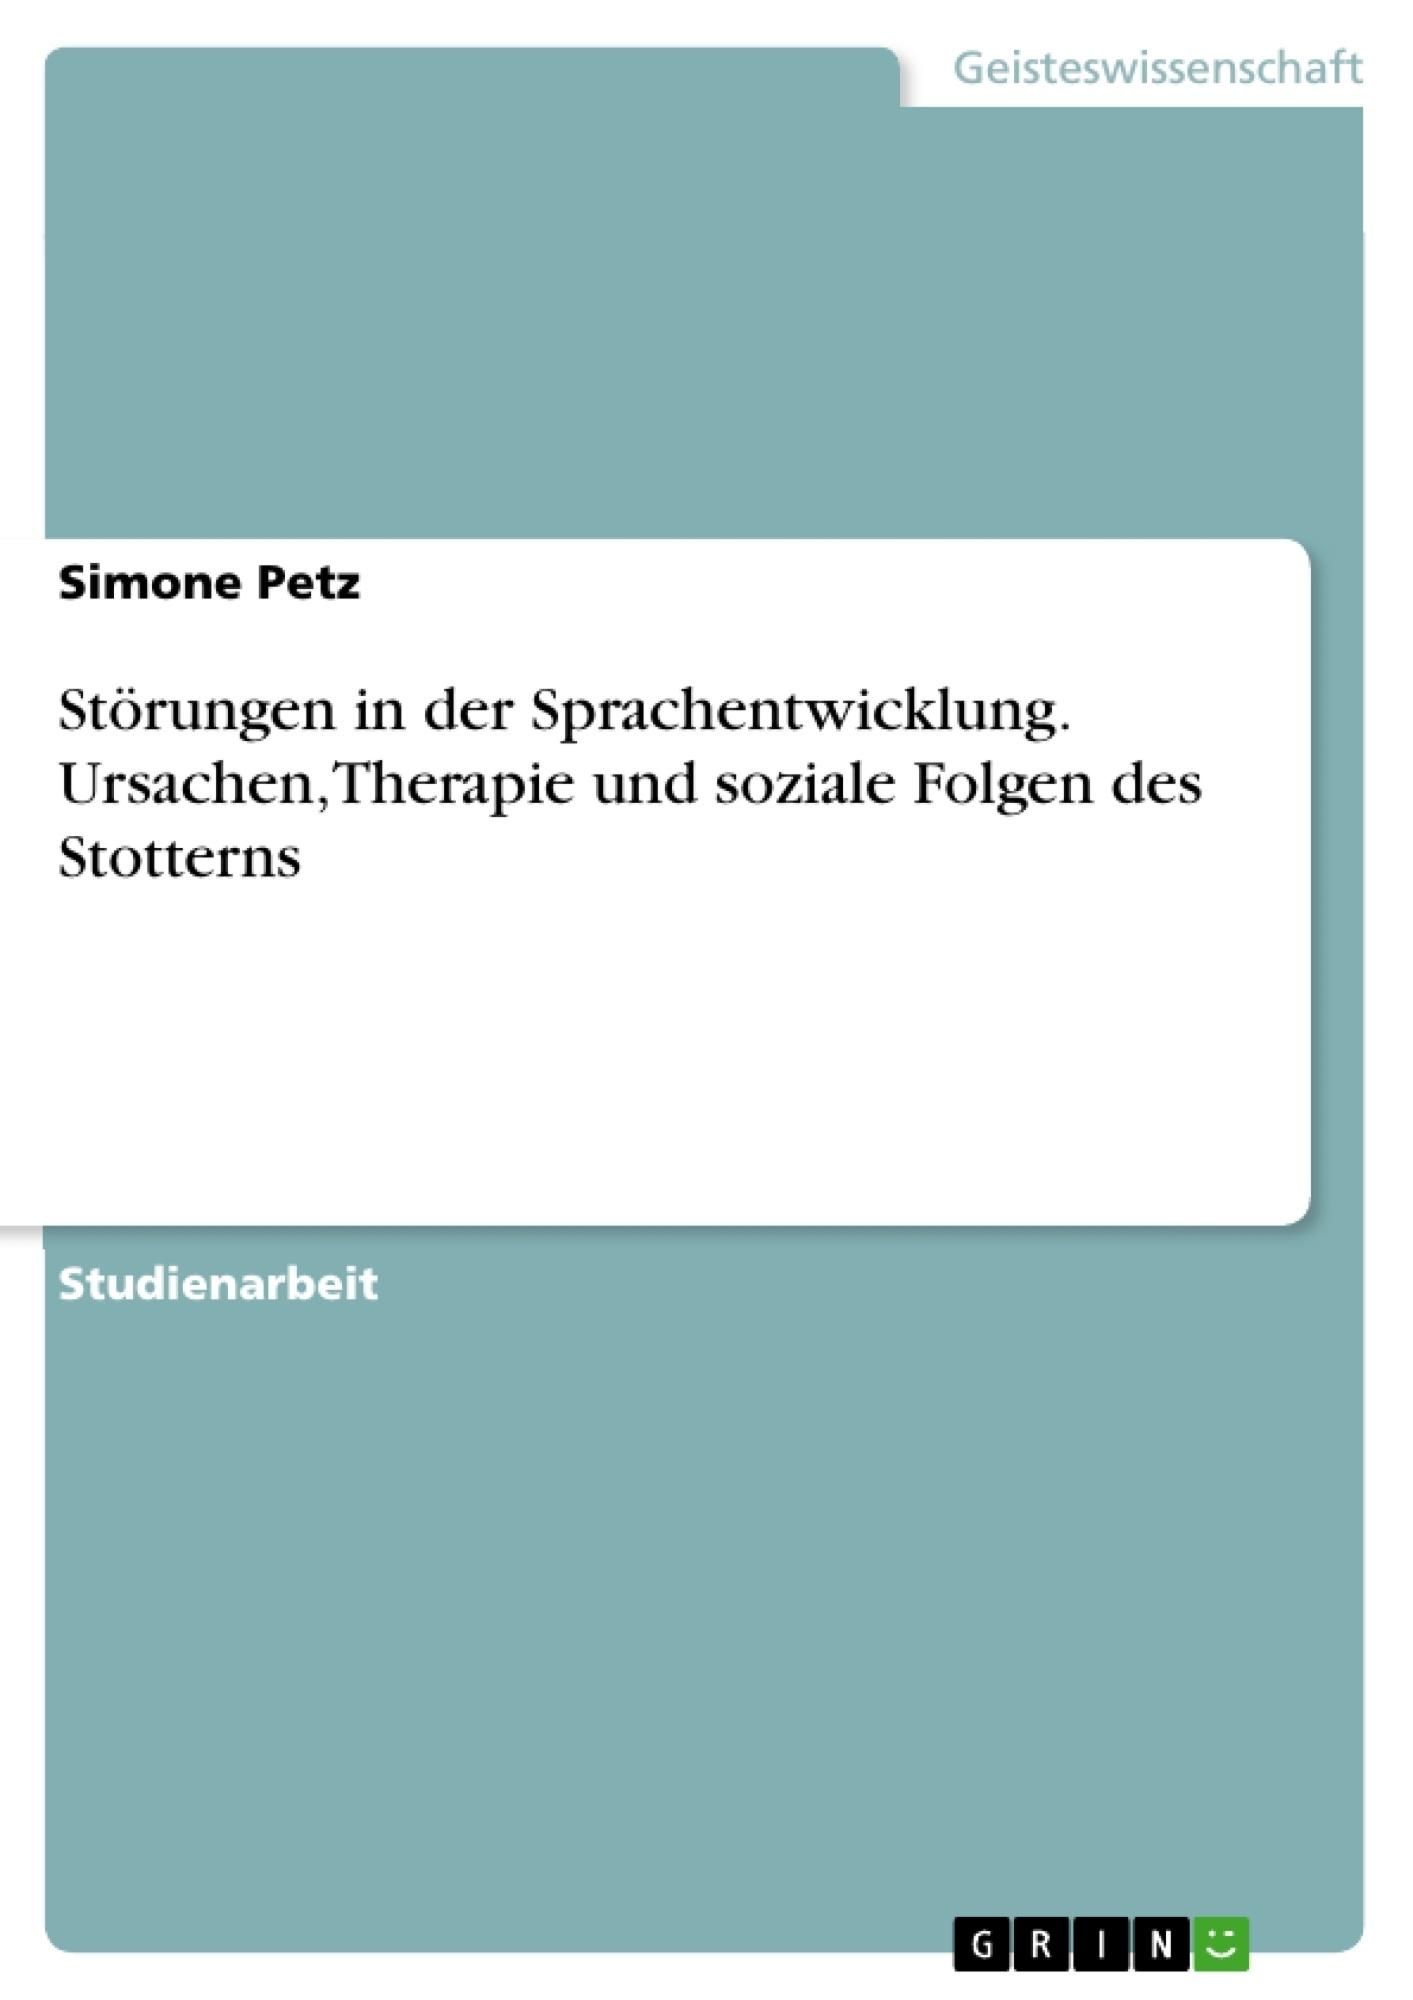 Titel: Störungen in der Sprachentwicklung. Ursachen, Therapie und soziale Folgen des Stotterns